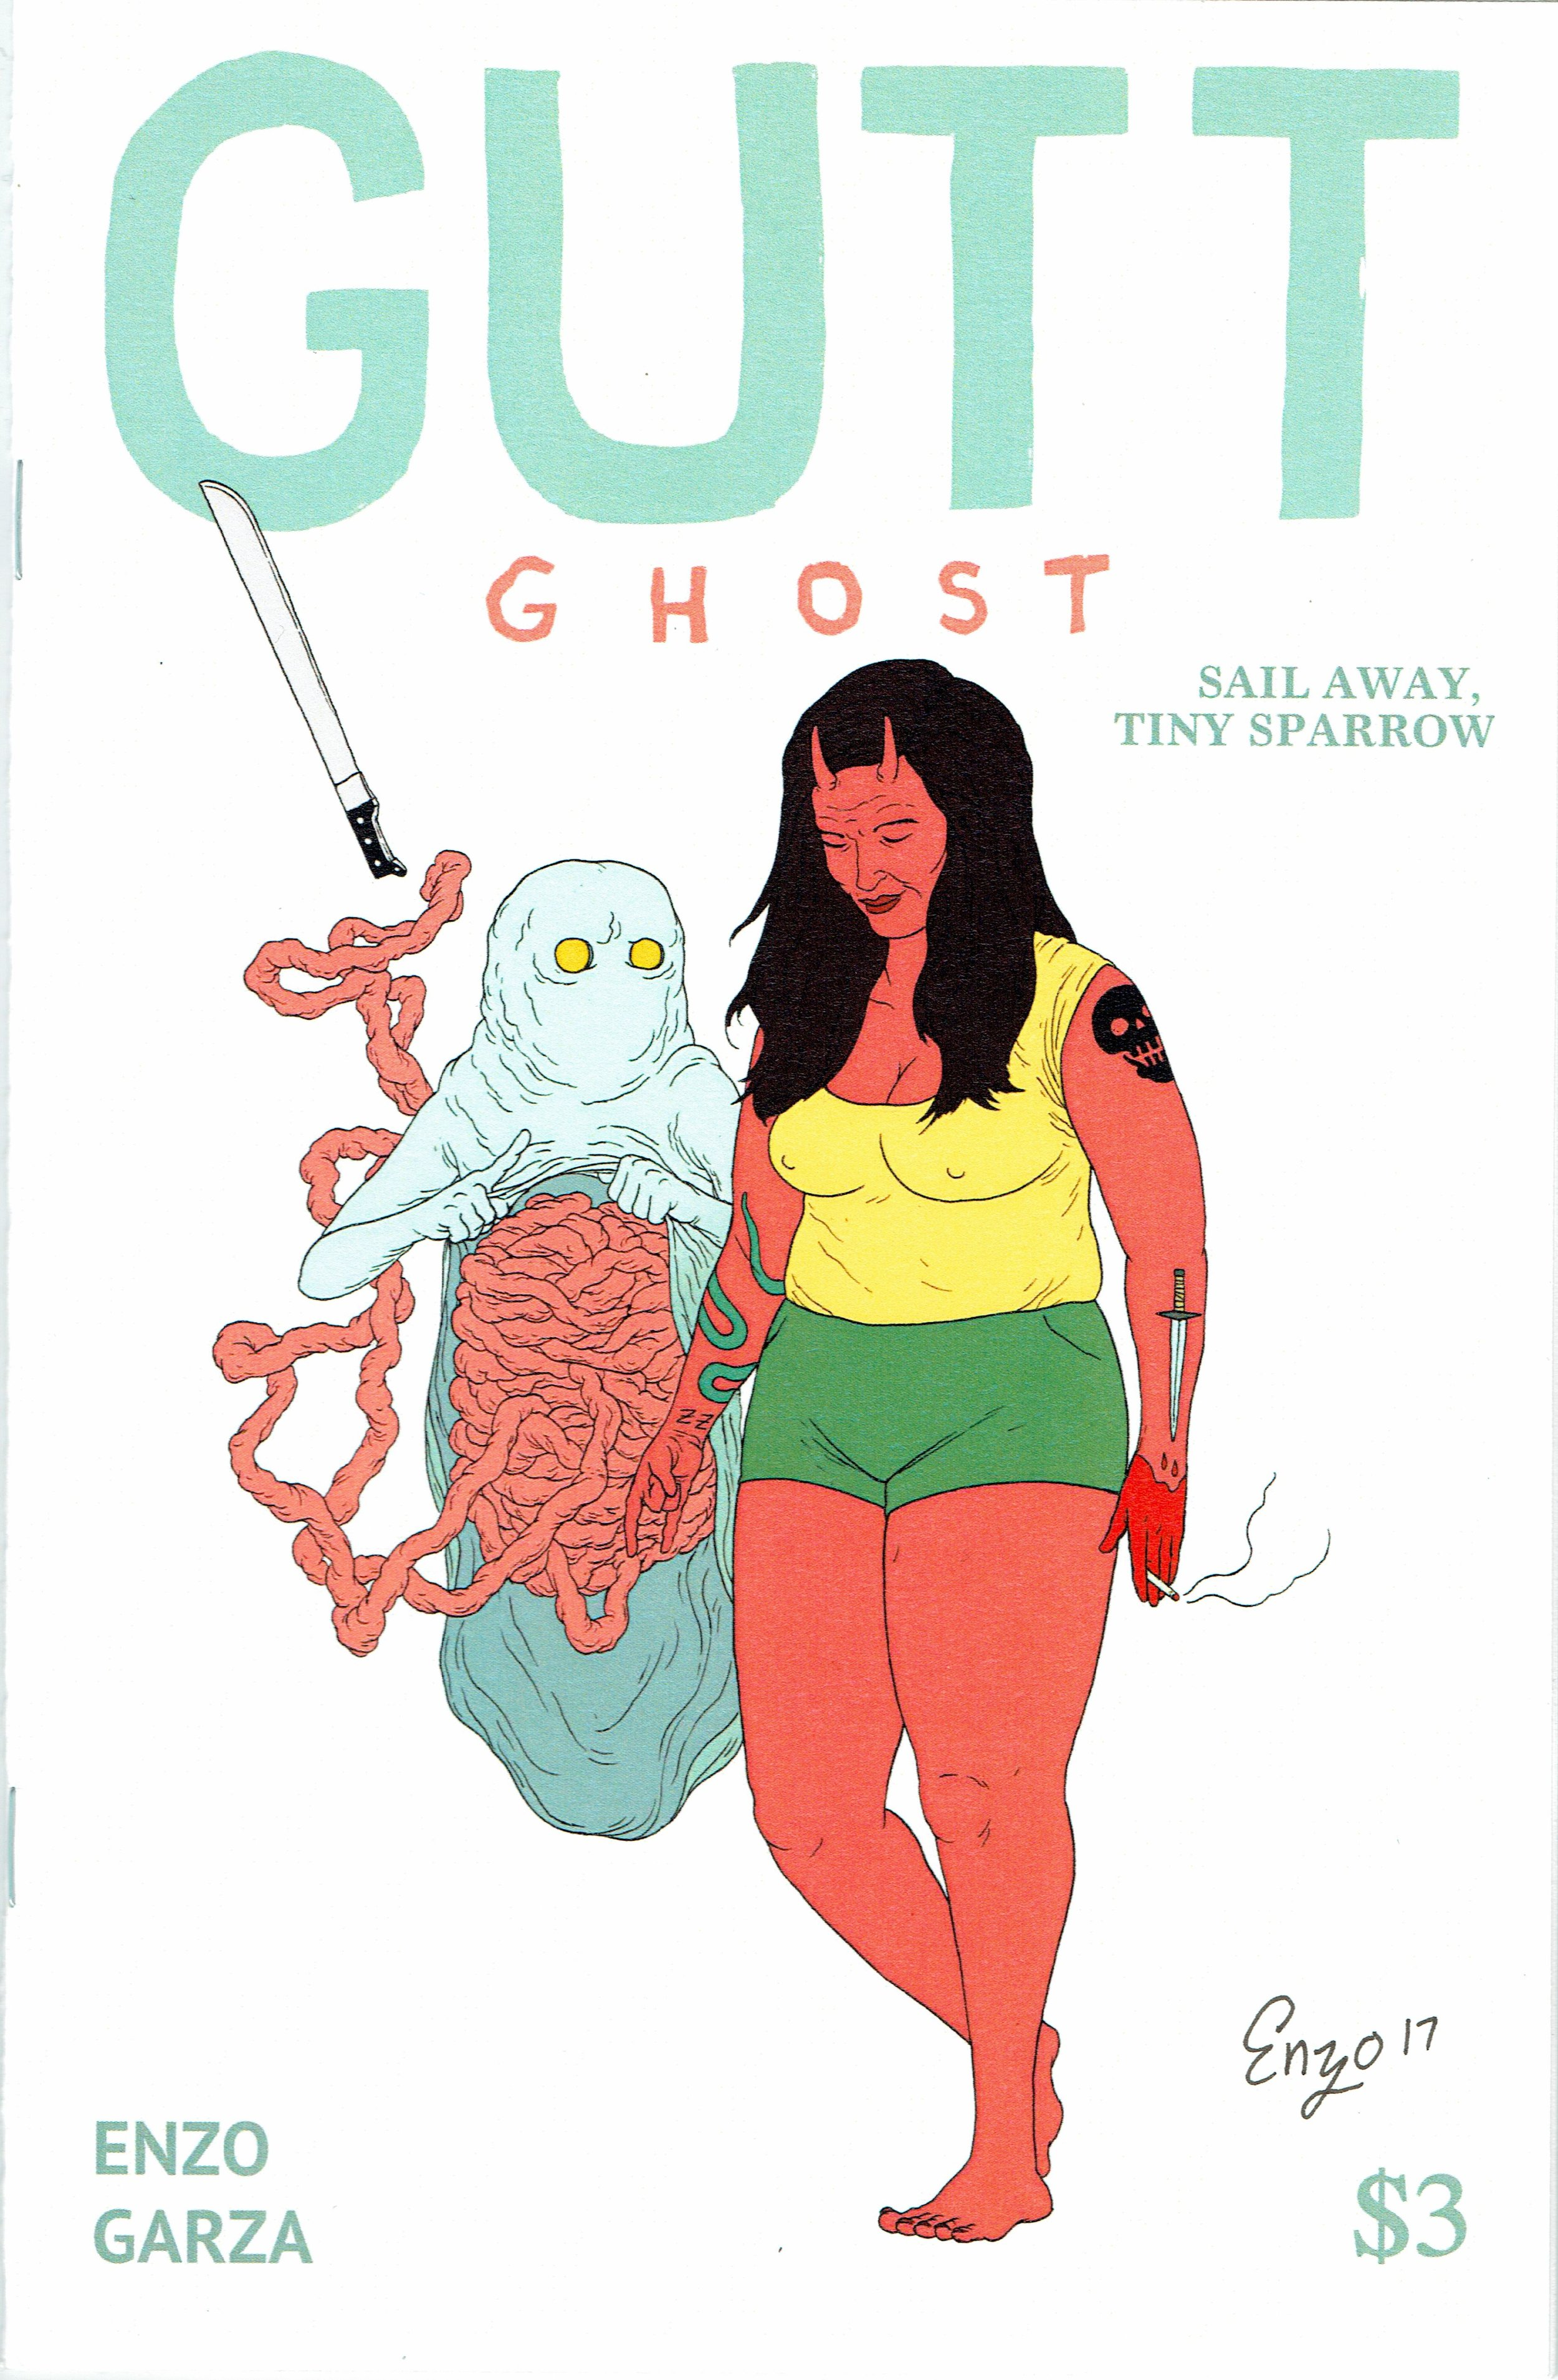 Gutt Ghost #2 from Enzo Garza.